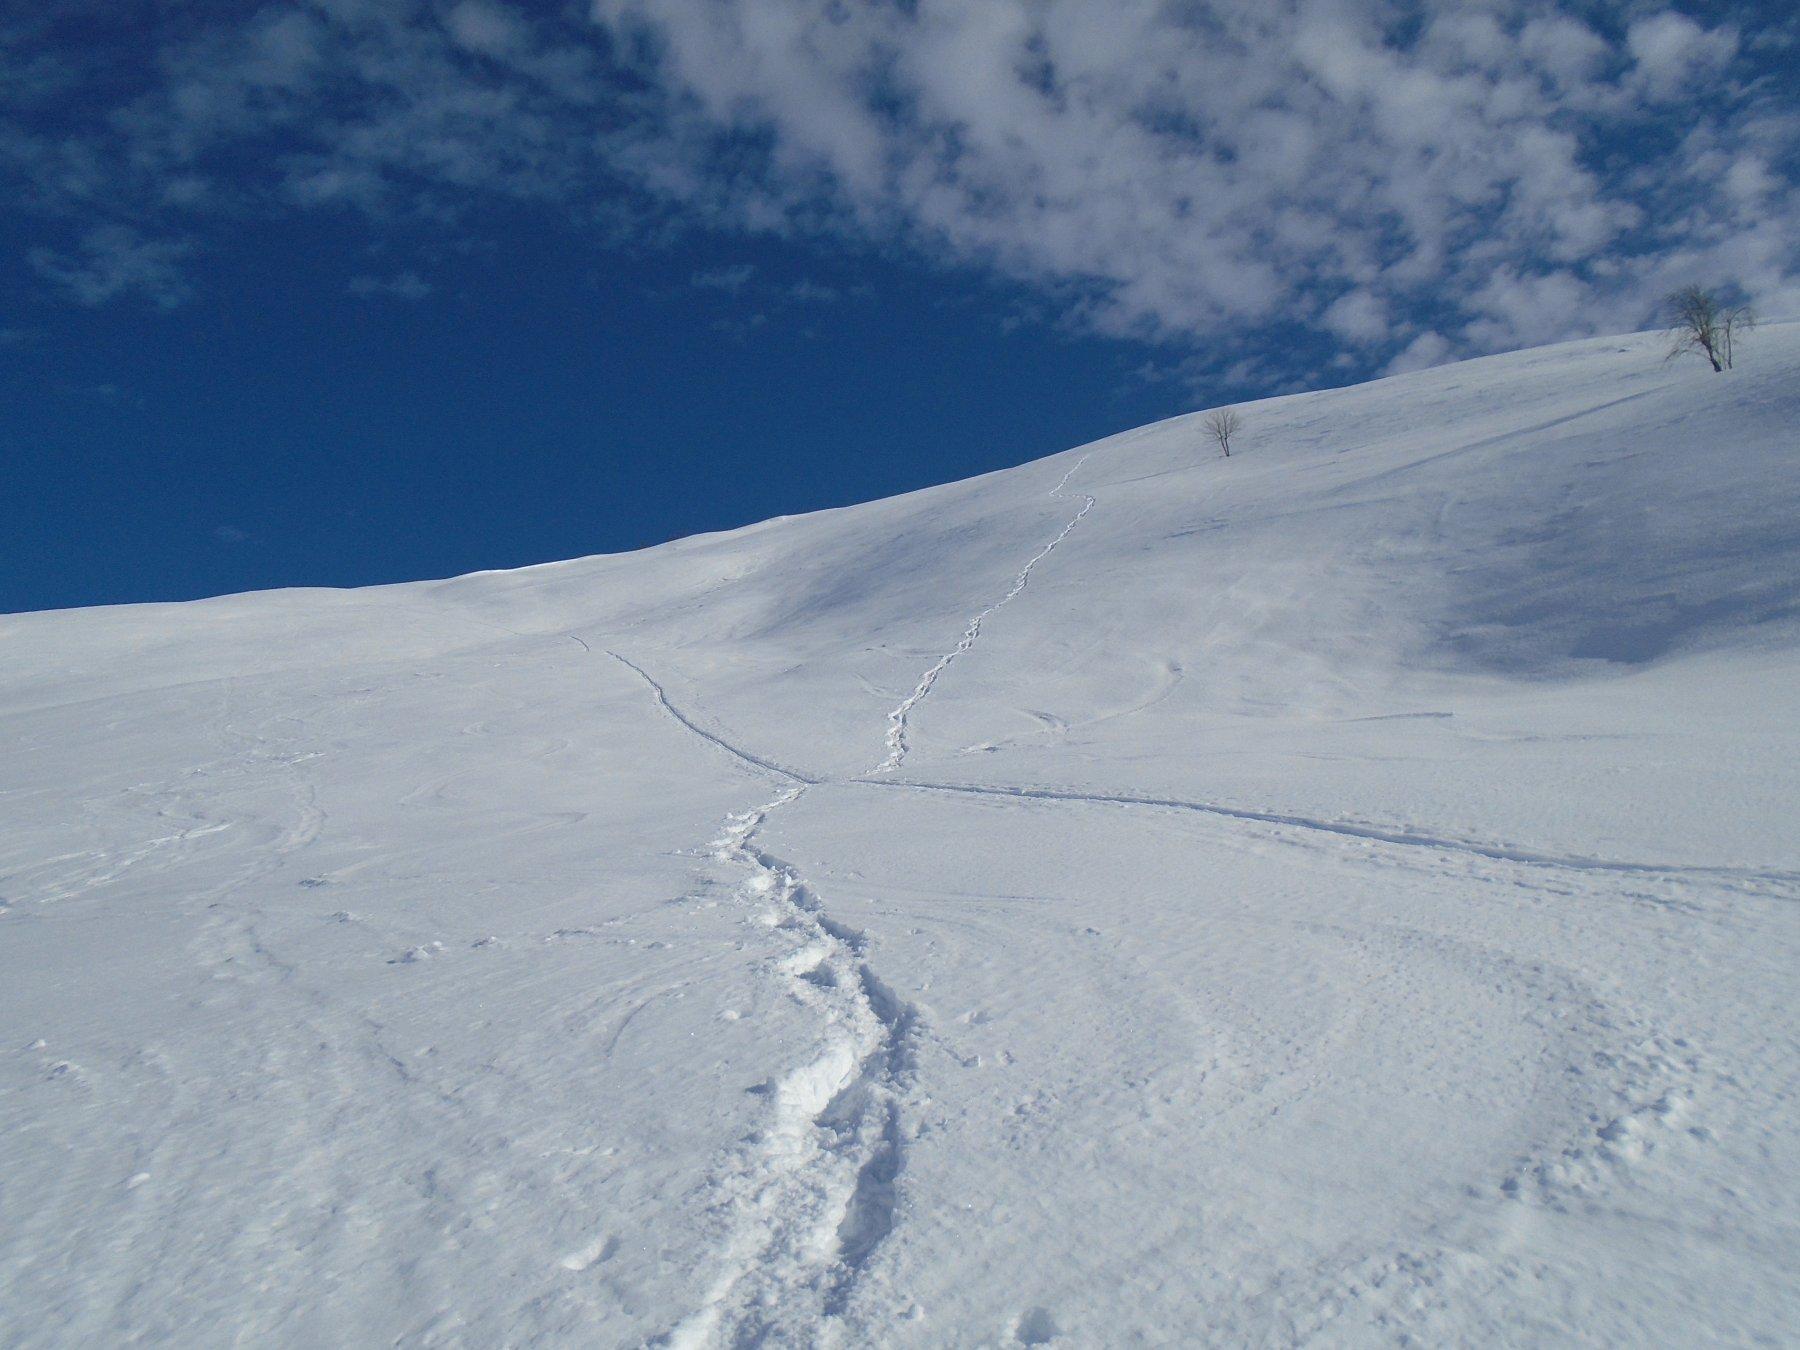 Neve spettacolare sui pendii sotto il Gardun